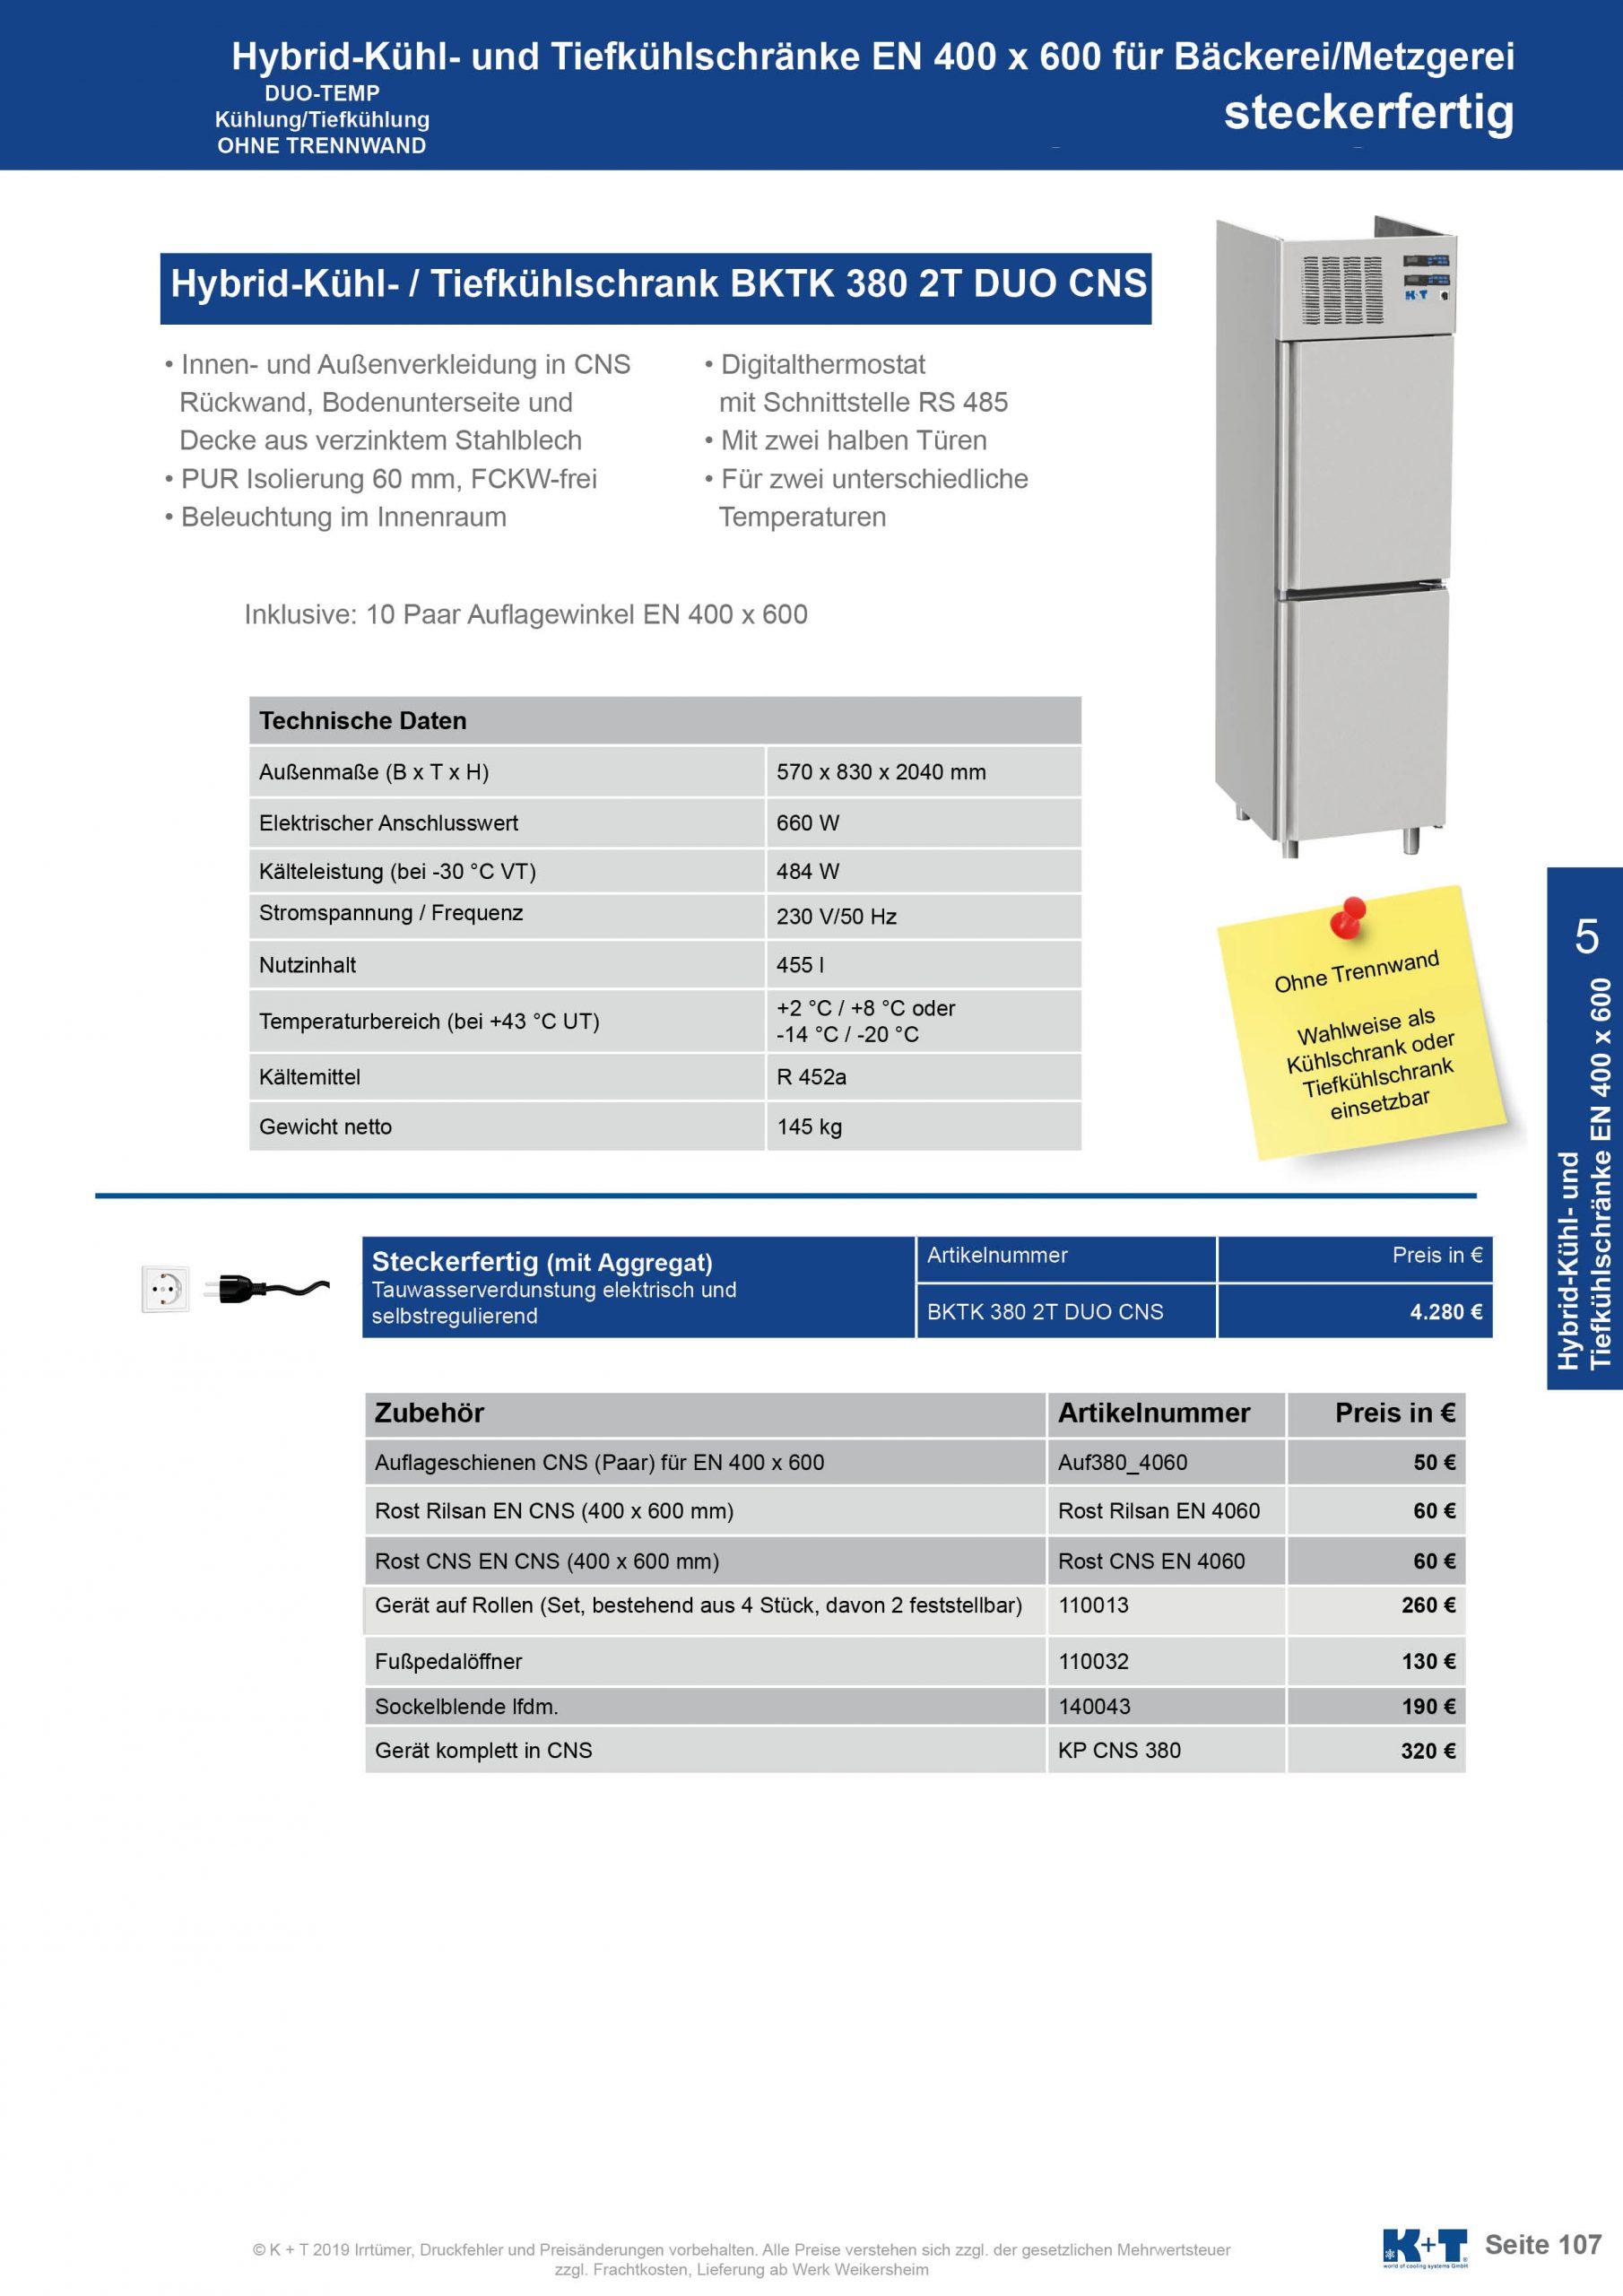 Kühl- Tiefkühlschränke für spezielle Anforderungen Umschaltbarer Kühl- Tiefkühlschrank mit 2 halben Türen Euronorm 400 x 600